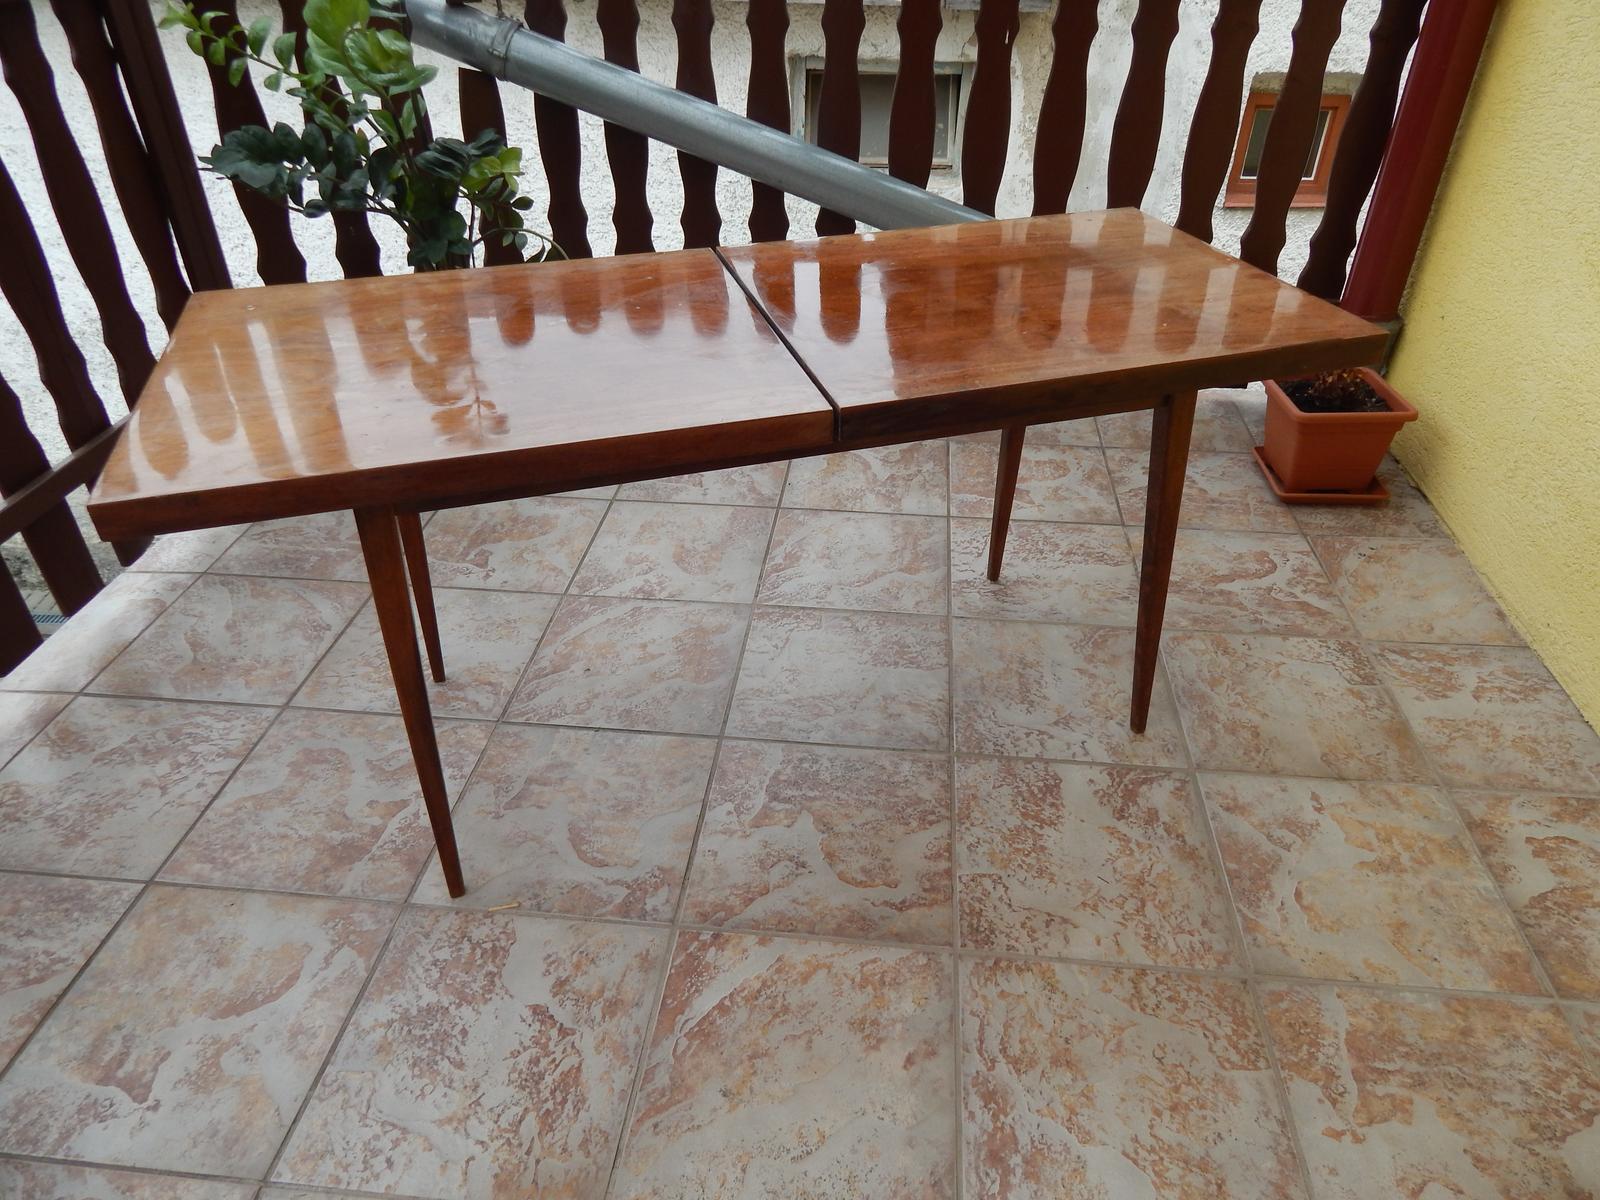 Konferenčný stolík  - Obrázok č. 1